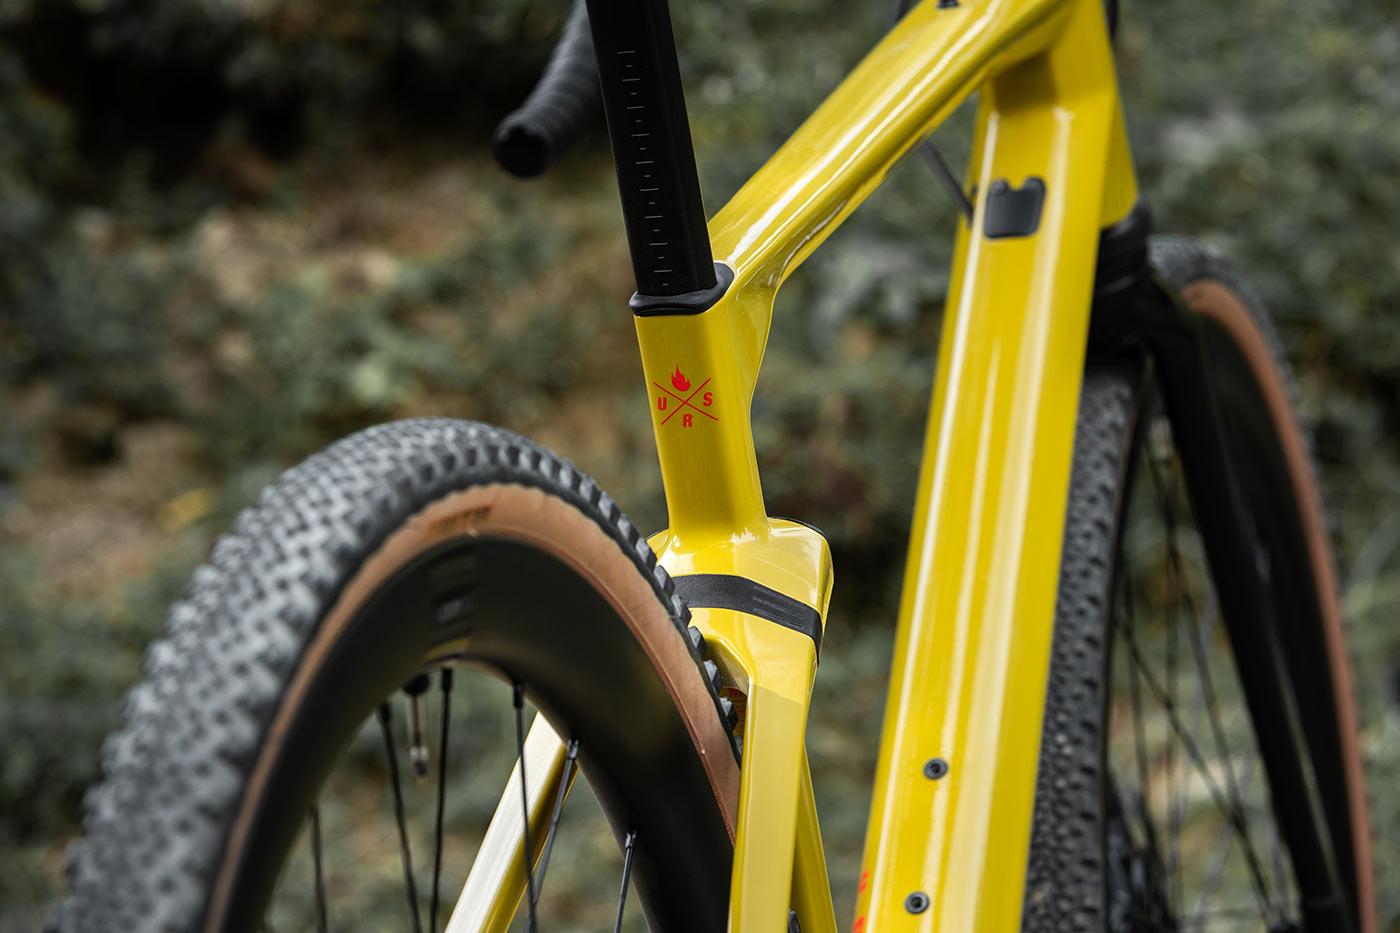 bmc urs lt full suspension gravel bike rear shock rear view